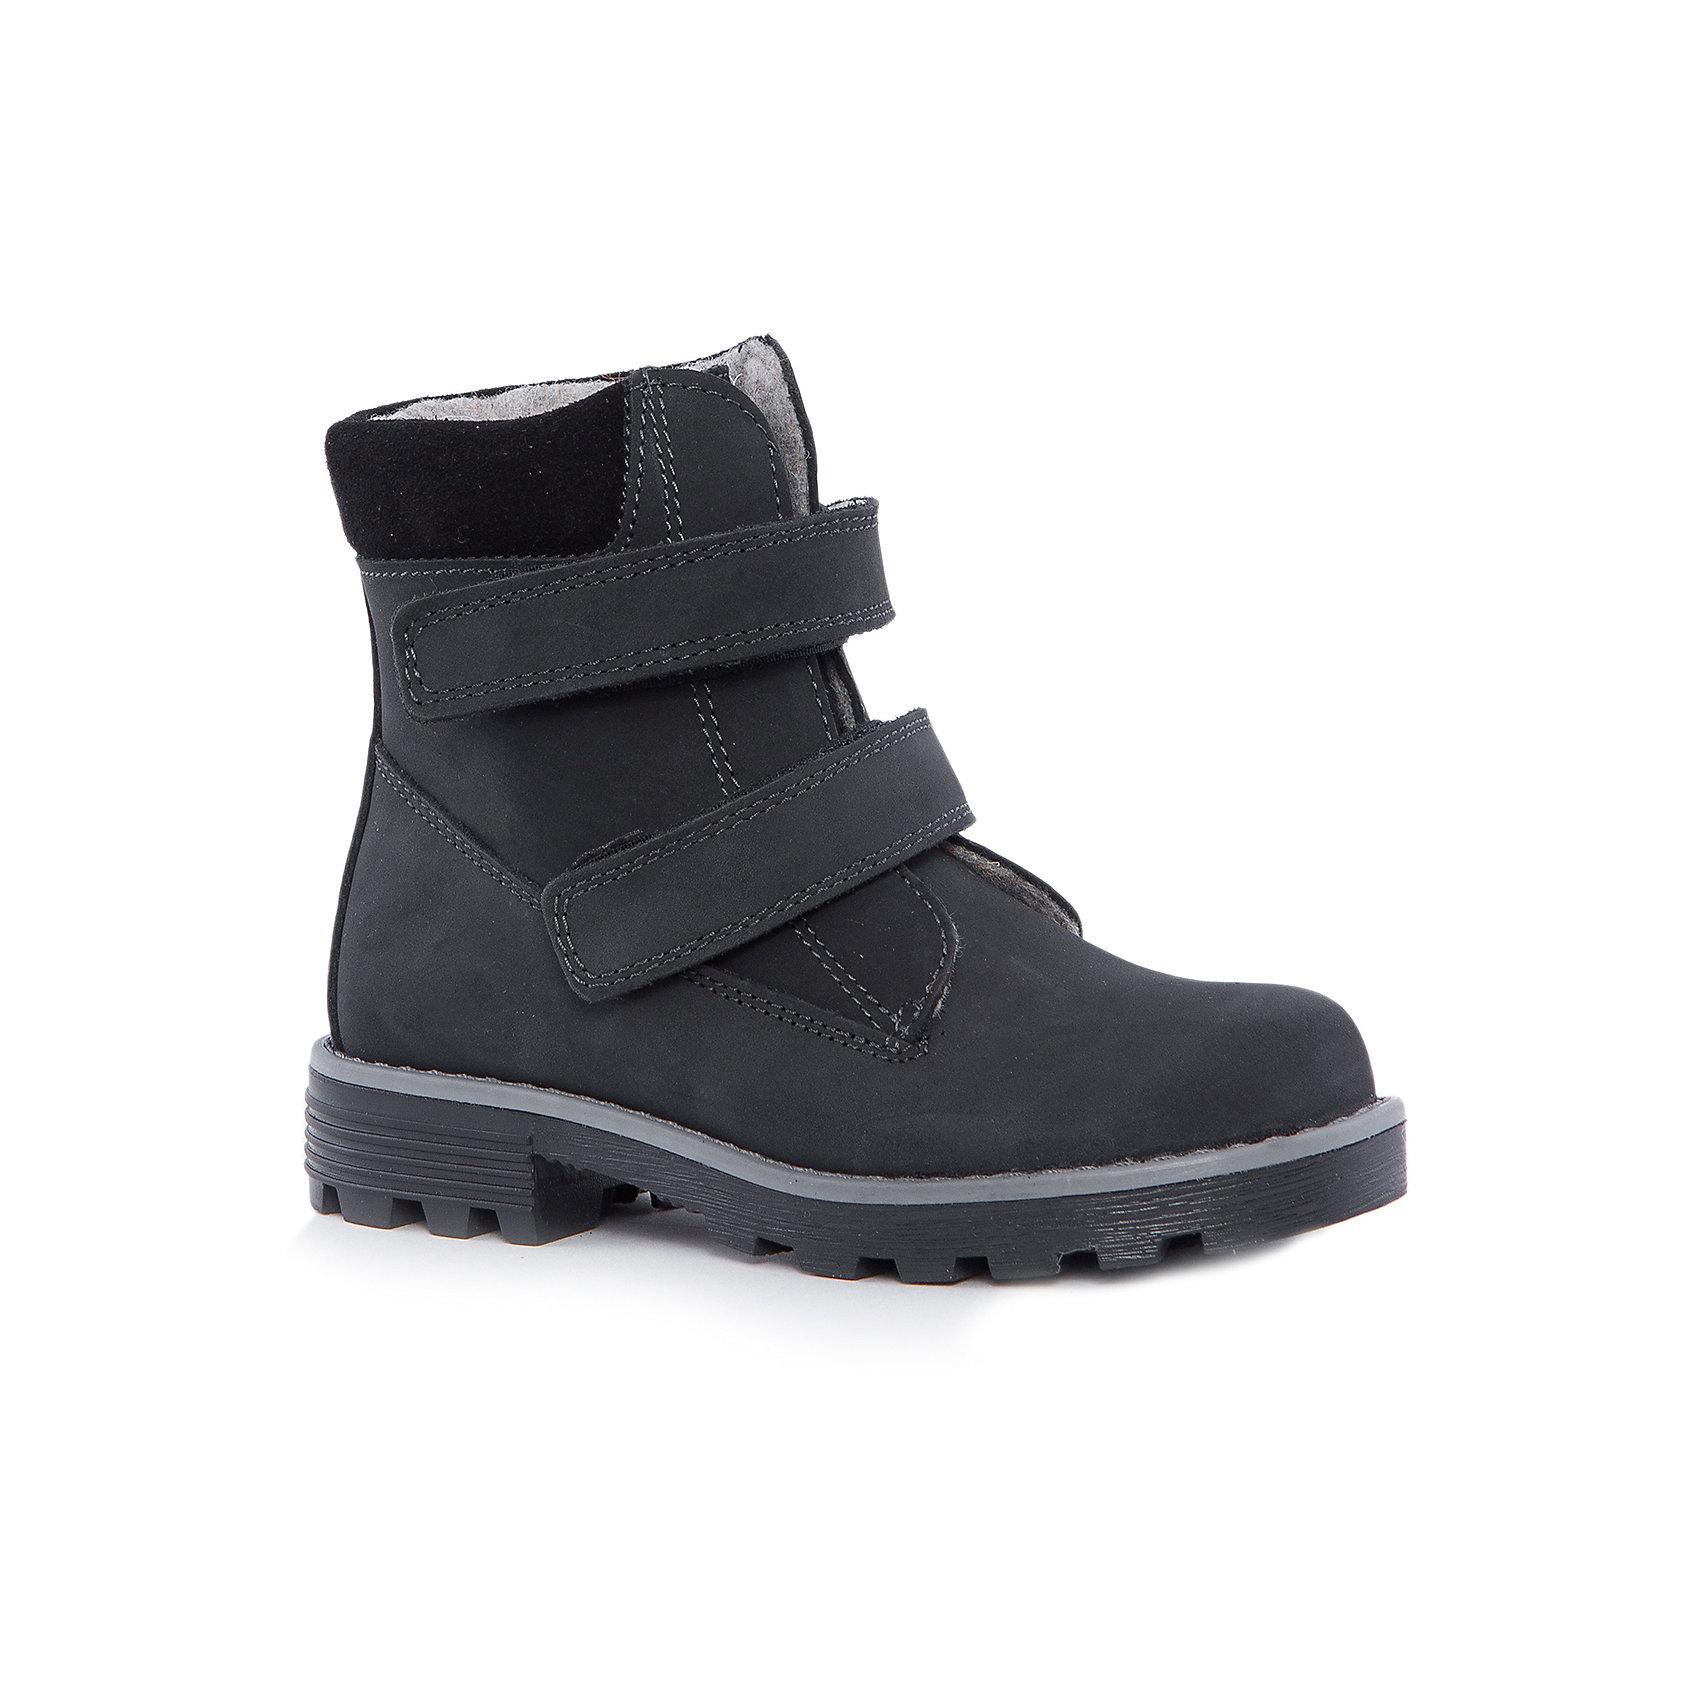 Ботинки для мальчика КотофейБотинки<br>Котофей – качественная и стильная детская обувь по доступным ценам. С каждым днем популярность бренда растет.  С наступлением осенних холодов очень важно выбрать удобную и теплую обувь, которая защитит ножки малыша от промокания, а здоровье от простуды. Стильные черные ботинки на удобной застежке – липе шнуровке – прекрасный выбор обновки гардероба к новому сезону. Модель отвечает всем модным требованиям.<br><br>Дополнительная информация:<br><br>цвет: черный;<br>вид крепления: на клею;<br>застежка: липучка;<br>температурный режим: от 0°С до +15° С.<br><br>Состав:<br>материал верха – кожа;<br>материал подклада – байка;<br>подошва – ТЭП.<br><br>Осенние ботиночки из натуральной кожи для мальчика дошкольного и школьного возраста от фирмы Котофей можно приобрести в нашем магазине.<br><br>Ширина мм: 262<br>Глубина мм: 176<br>Высота мм: 97<br>Вес г: 427<br>Цвет: черный<br>Возраст от месяцев: 84<br>Возраст до месяцев: 96<br>Пол: Мужской<br>Возраст: Детский<br>Размер: 31,35,32,33,30,34<br>SKU: 4982229